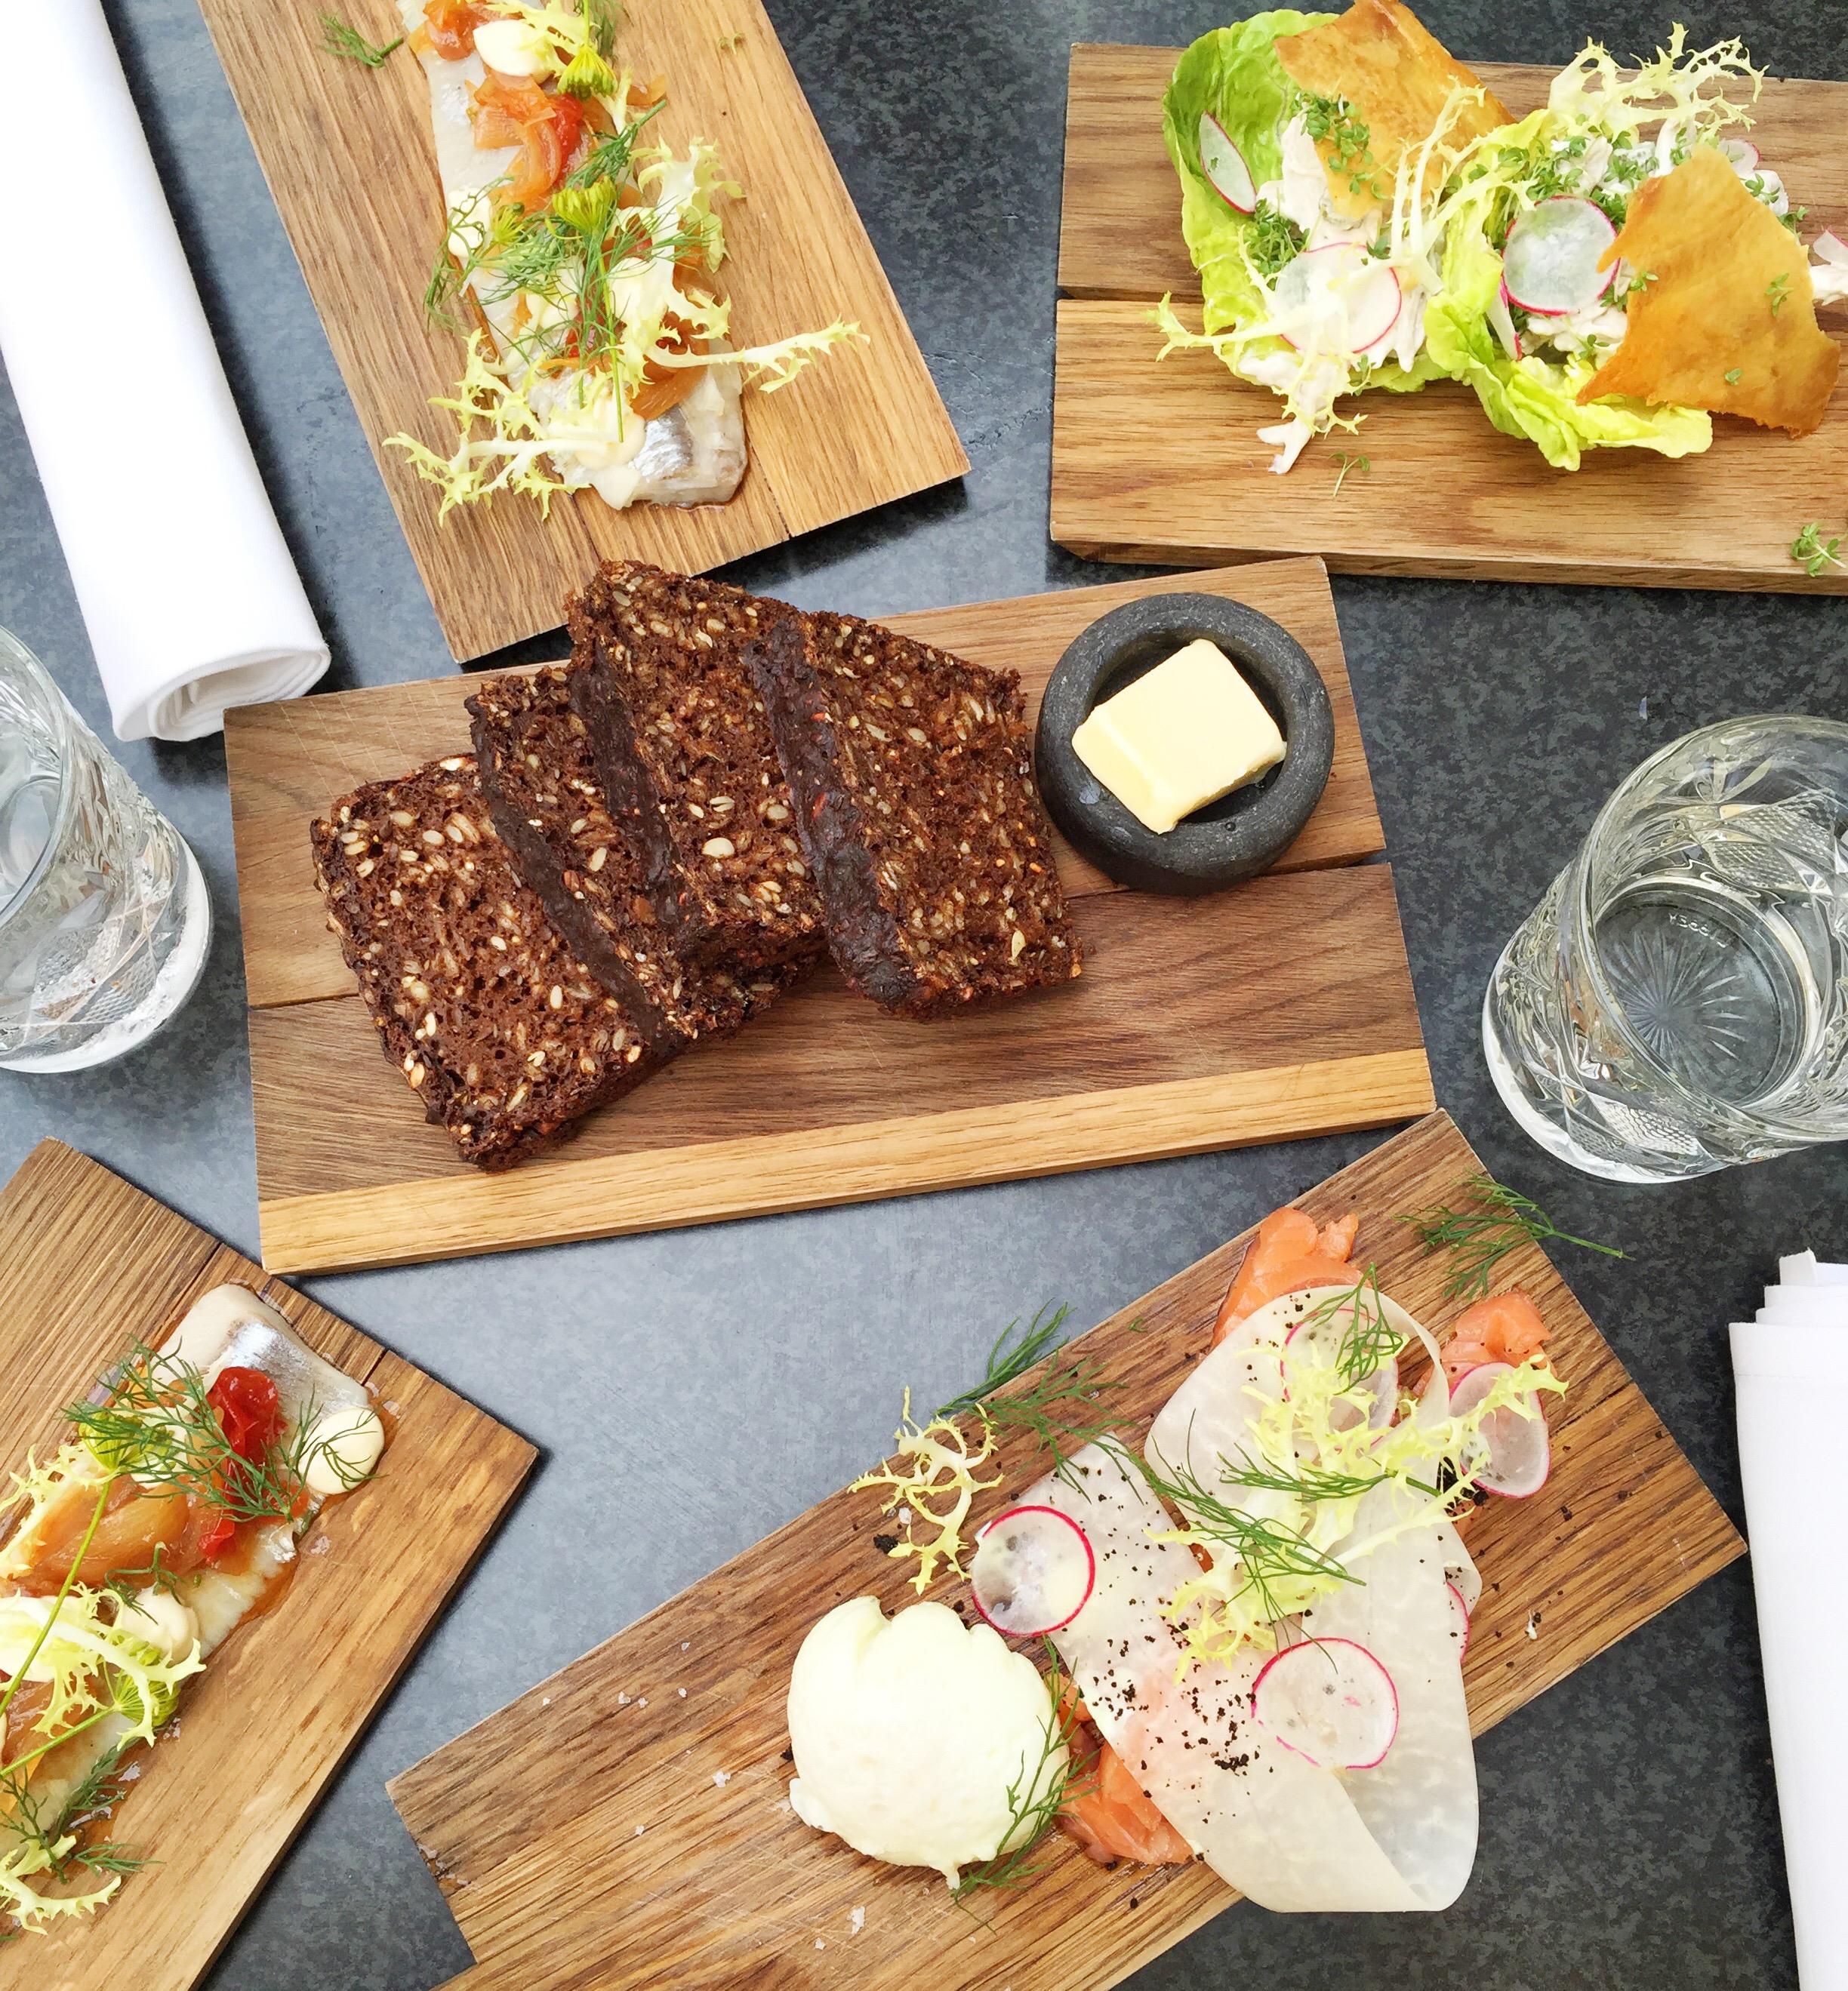 Nye sunde steder til frokost (/brunch) i København - CopenhagenByMe